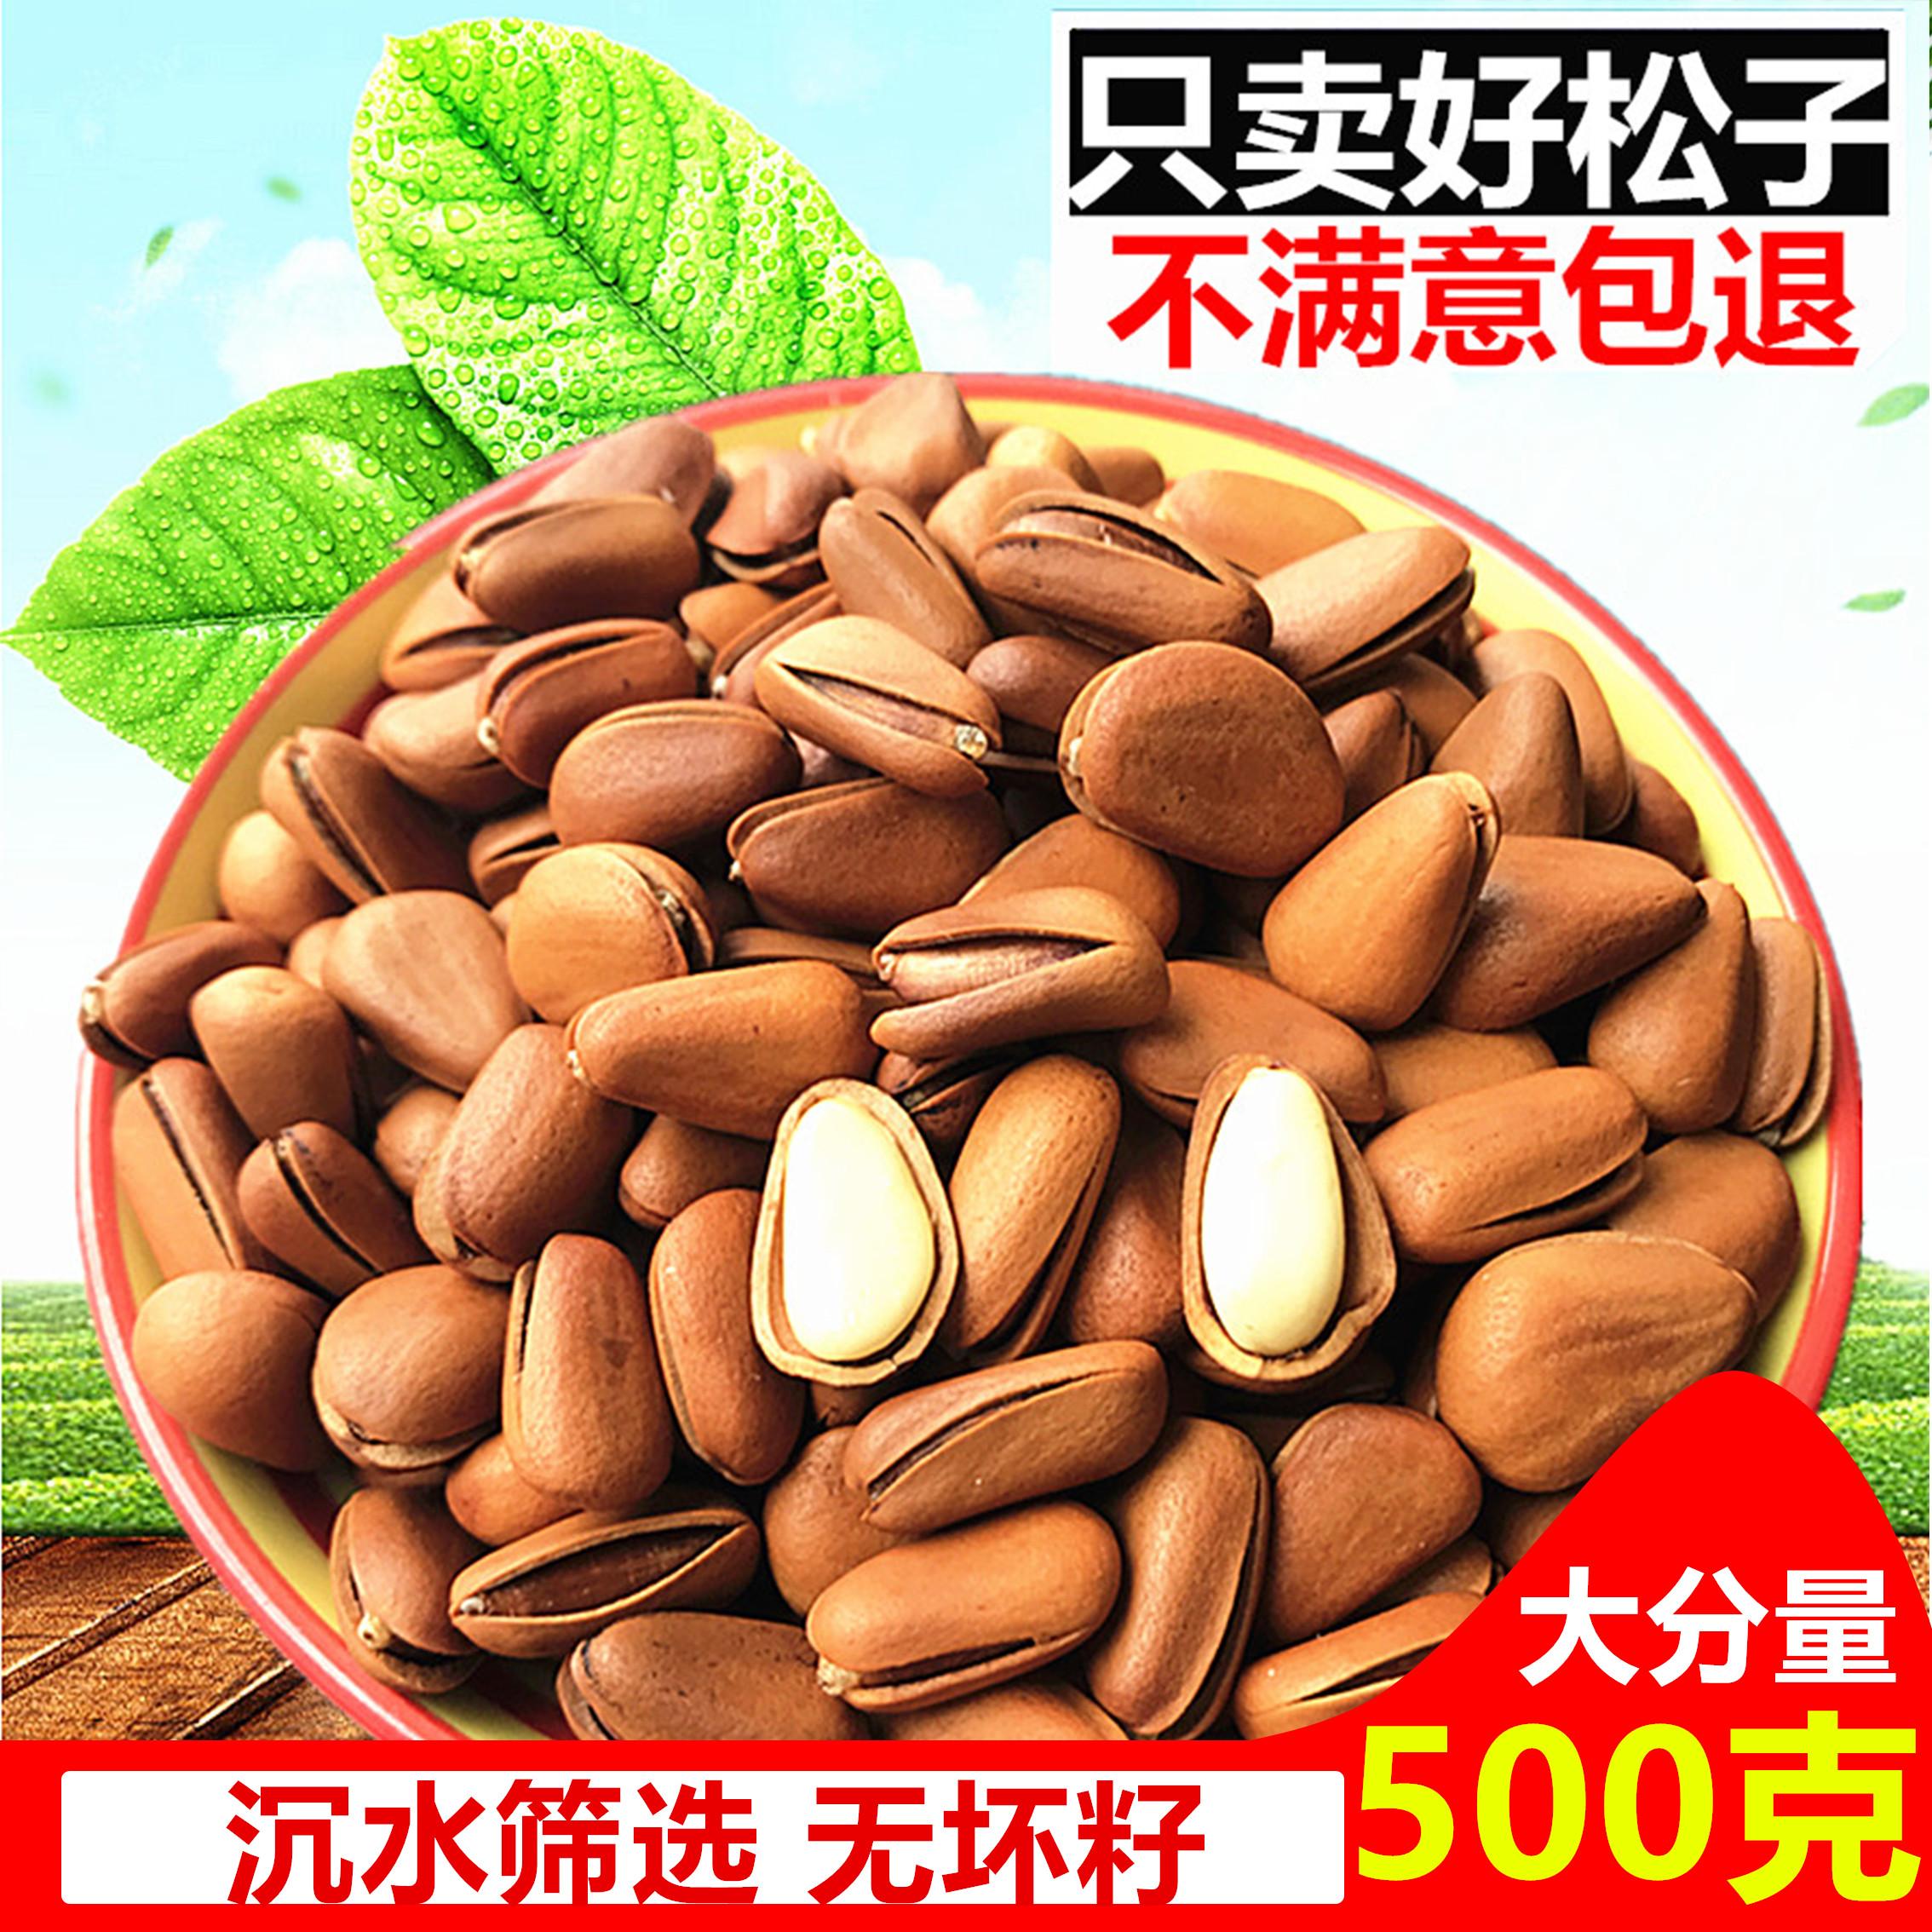 新货坚果零食特产东北开口红松子手剥大颗松子原味松子仁500g包邮